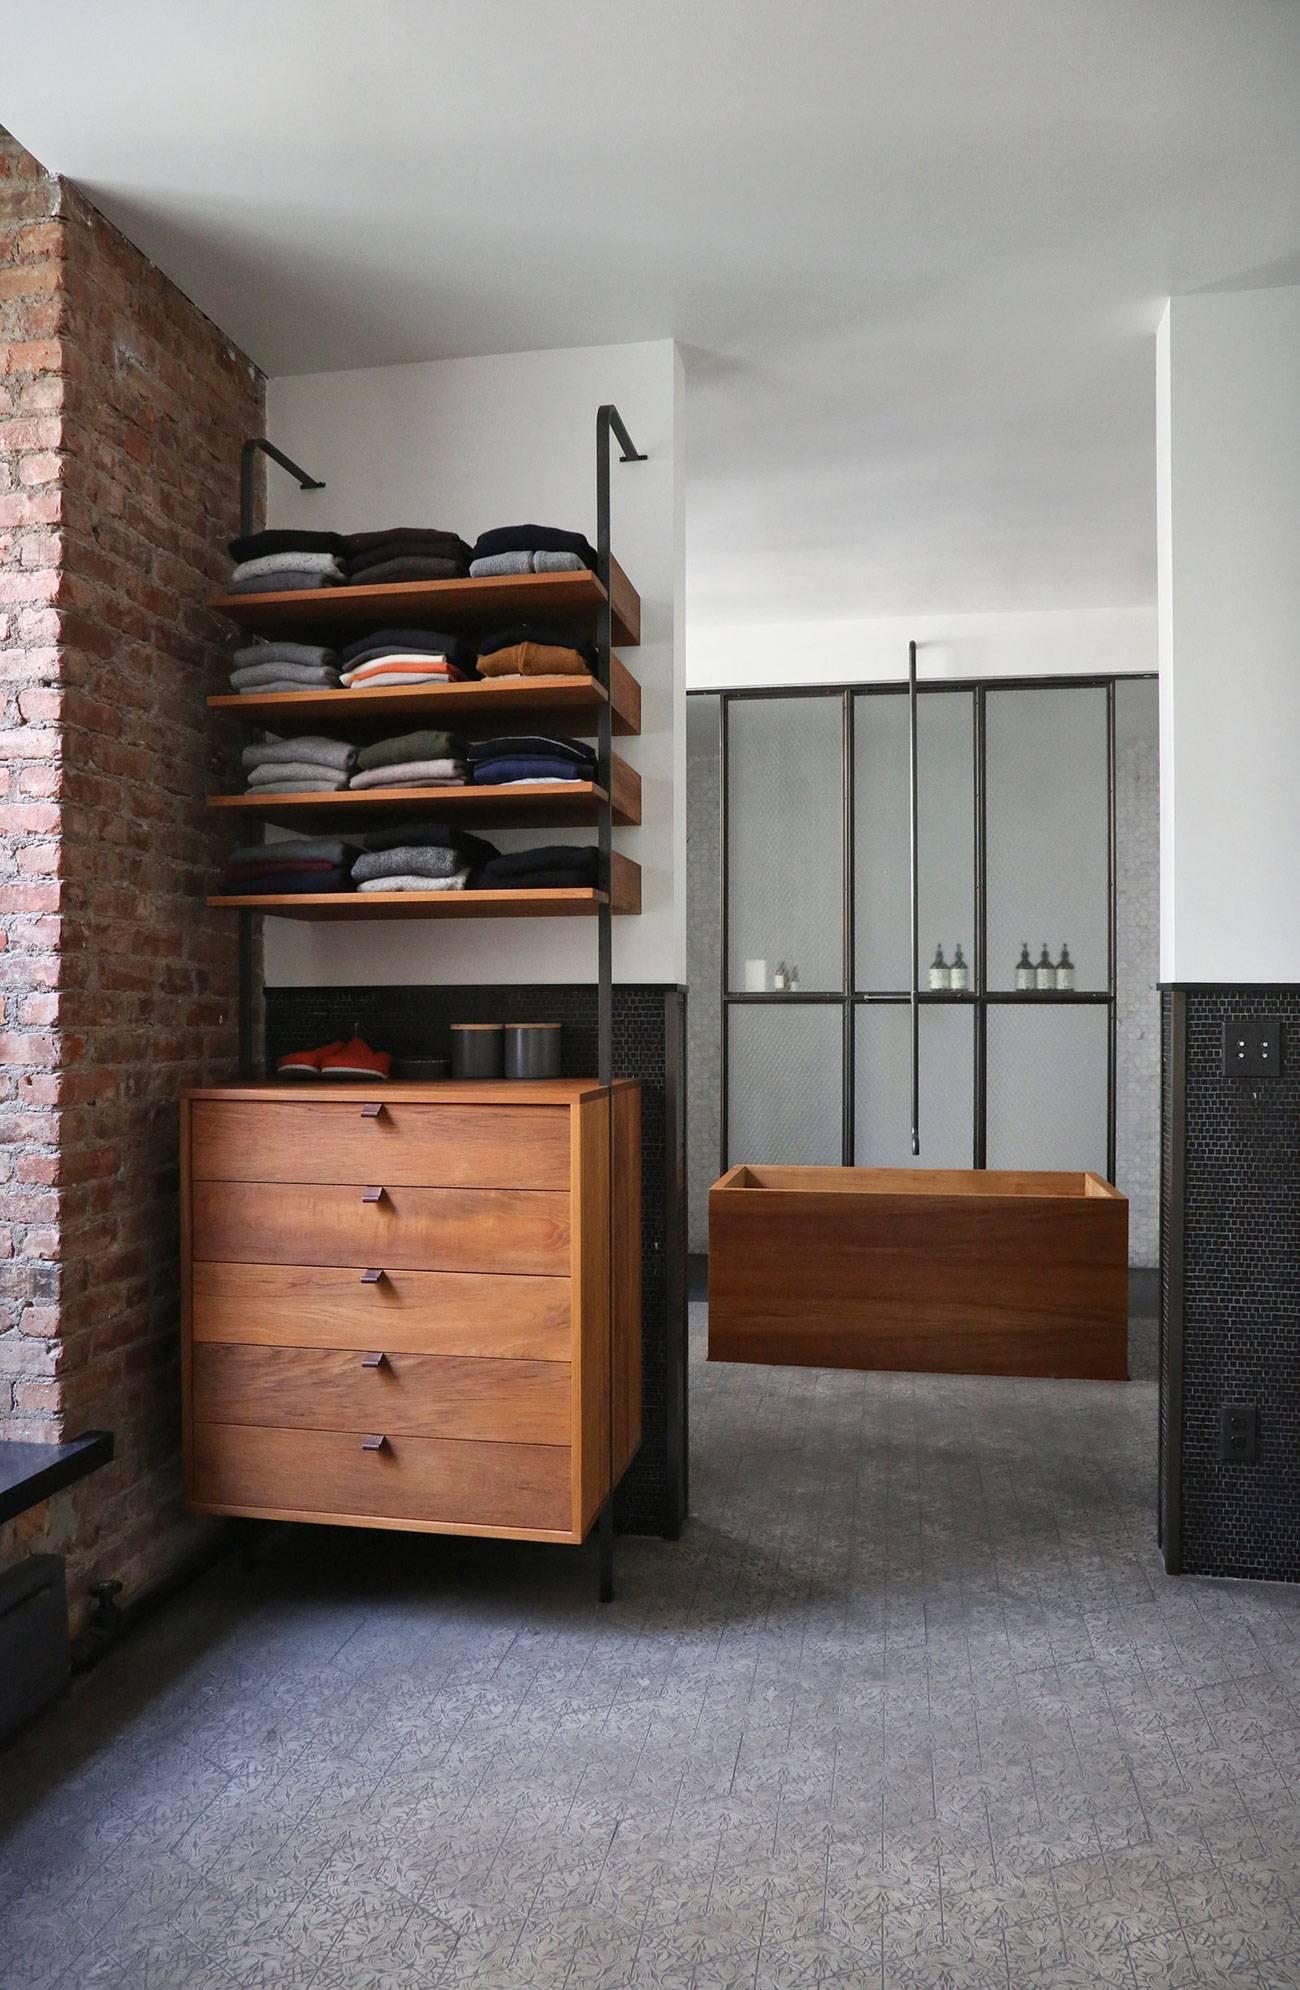 Квартира в стиле лофт с мебелью ручной работы в Нью-Йорке